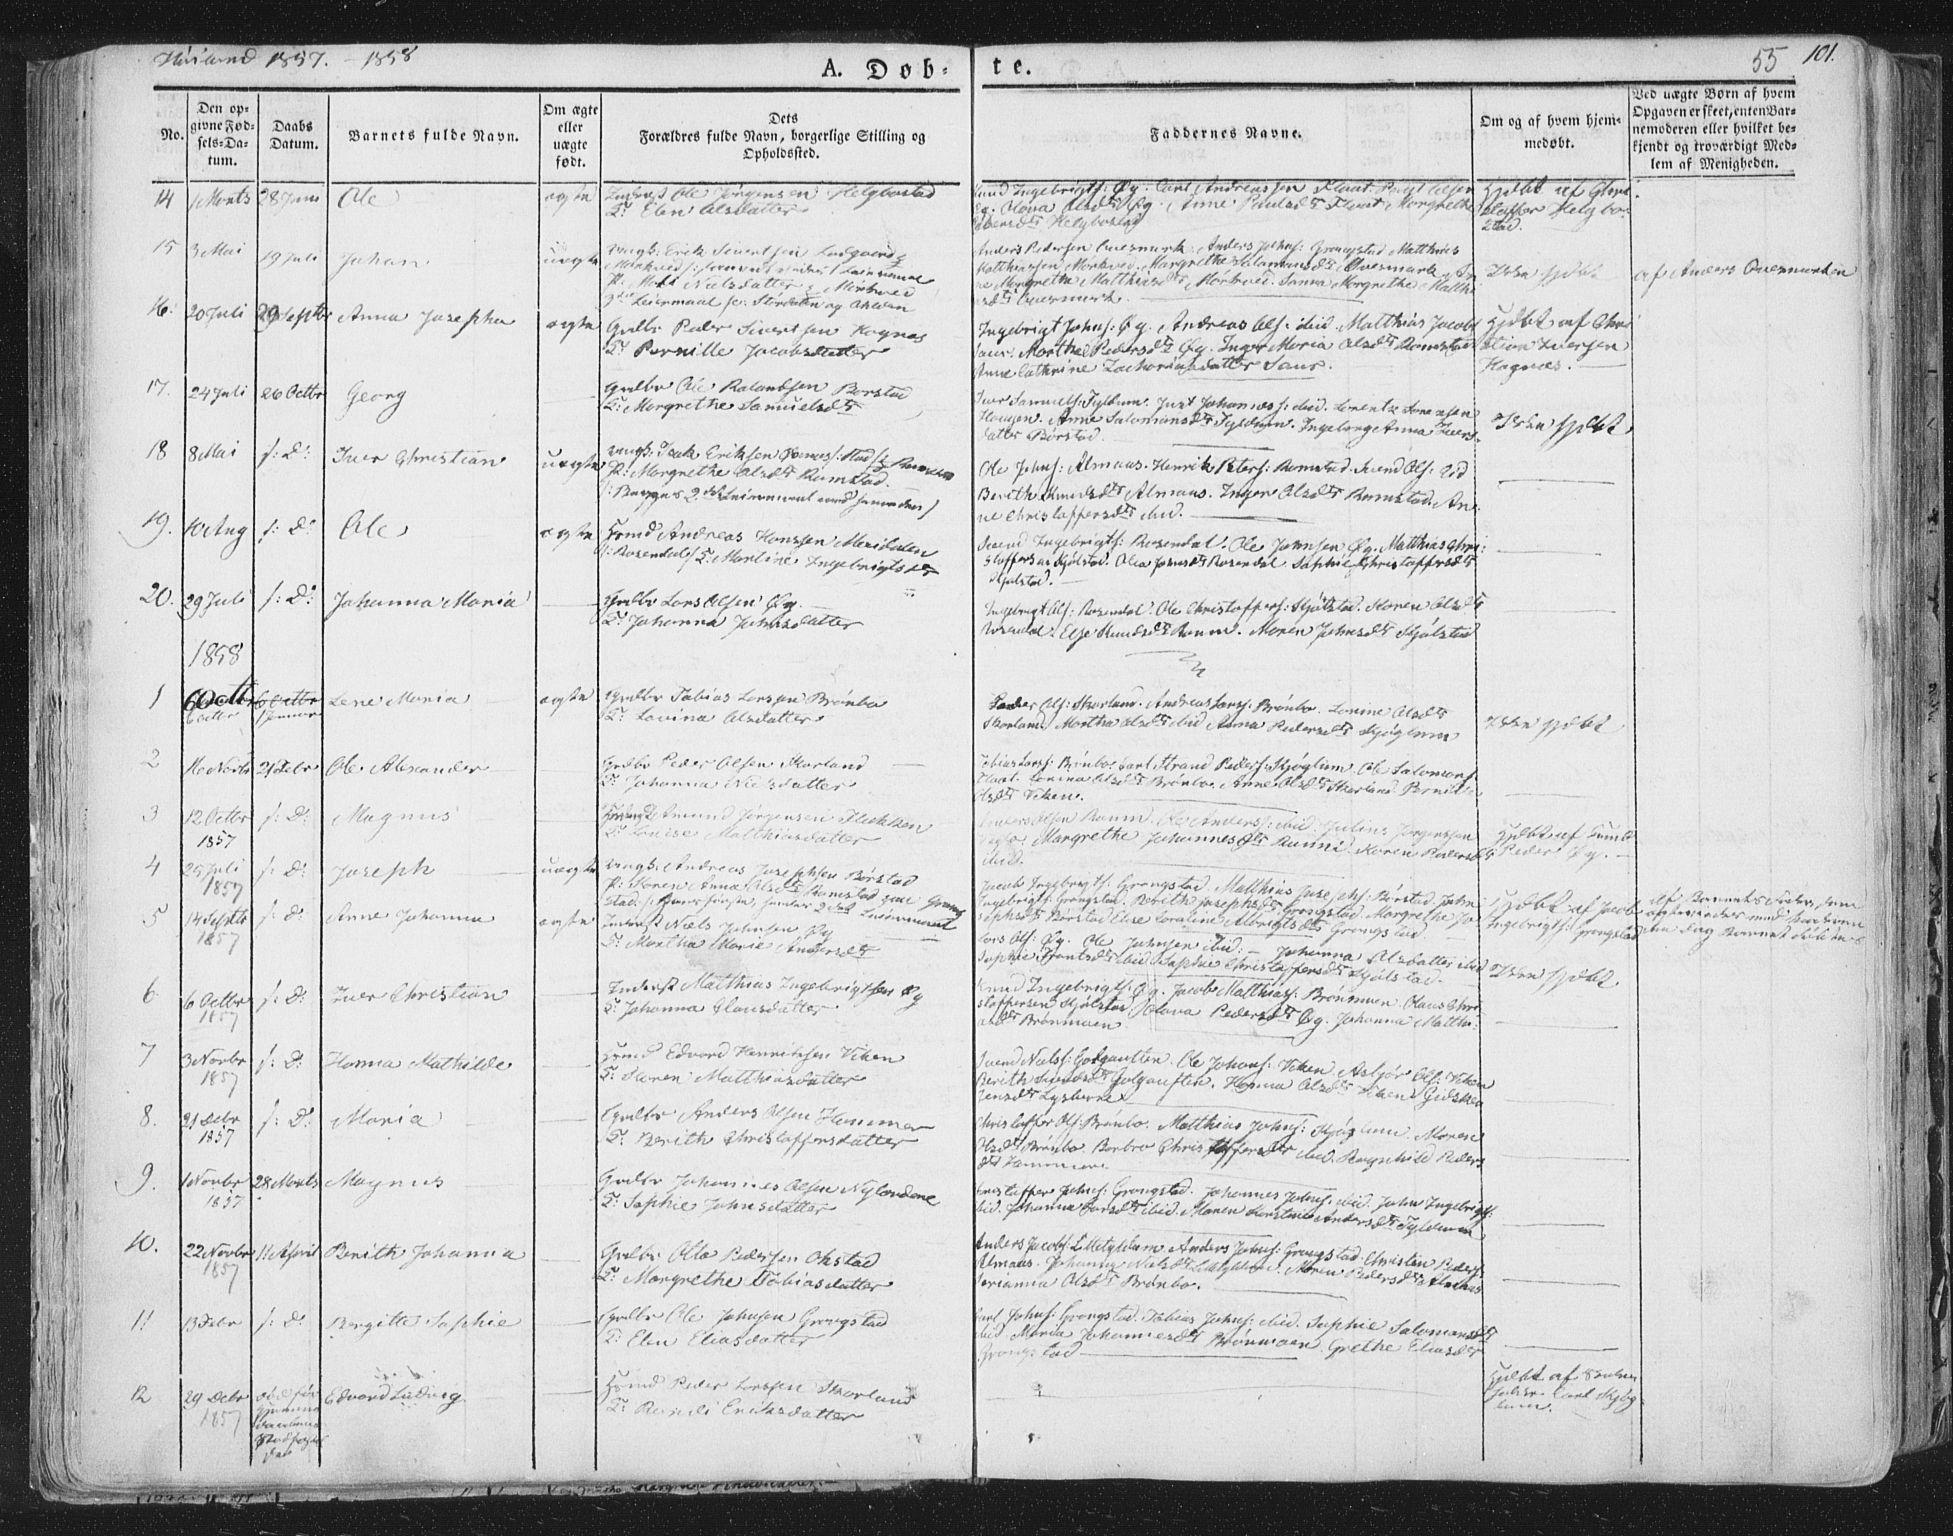 SAT, Ministerialprotokoller, klokkerbøker og fødselsregistre - Nord-Trøndelag, 758/L0513: Ministerialbok nr. 758A02 /2, 1839-1868, s. 55